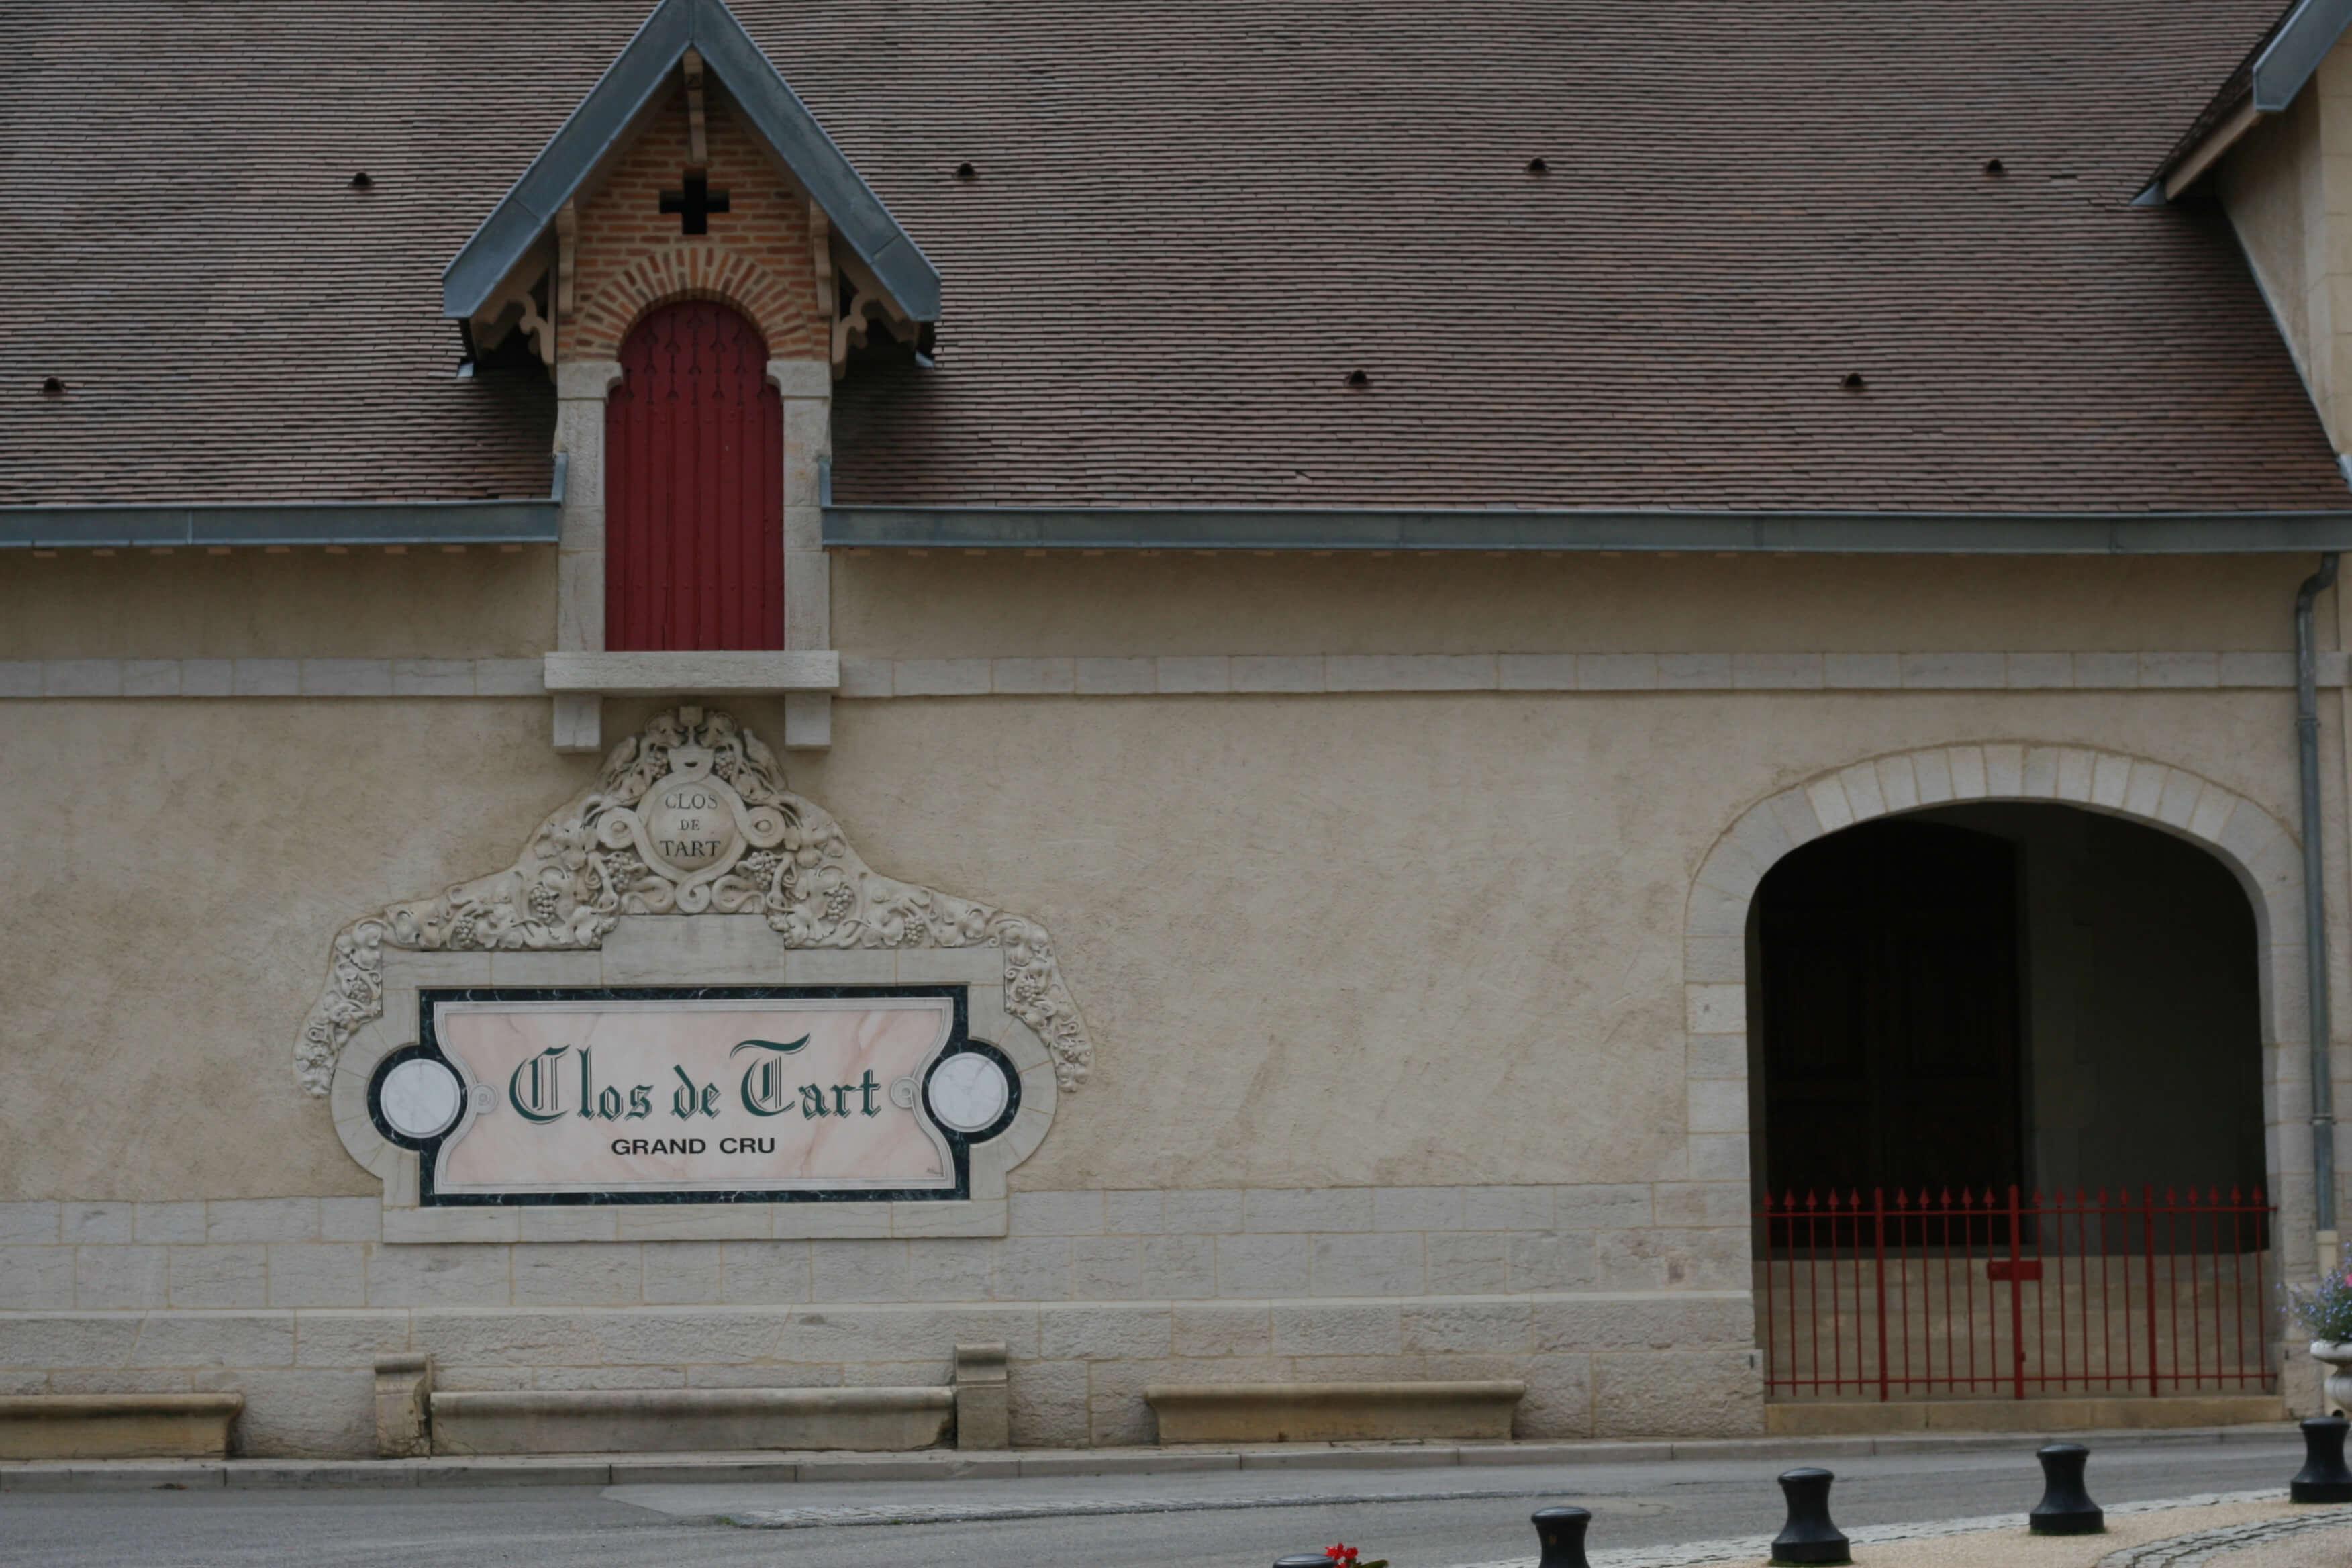 Porte du Clos de Tart